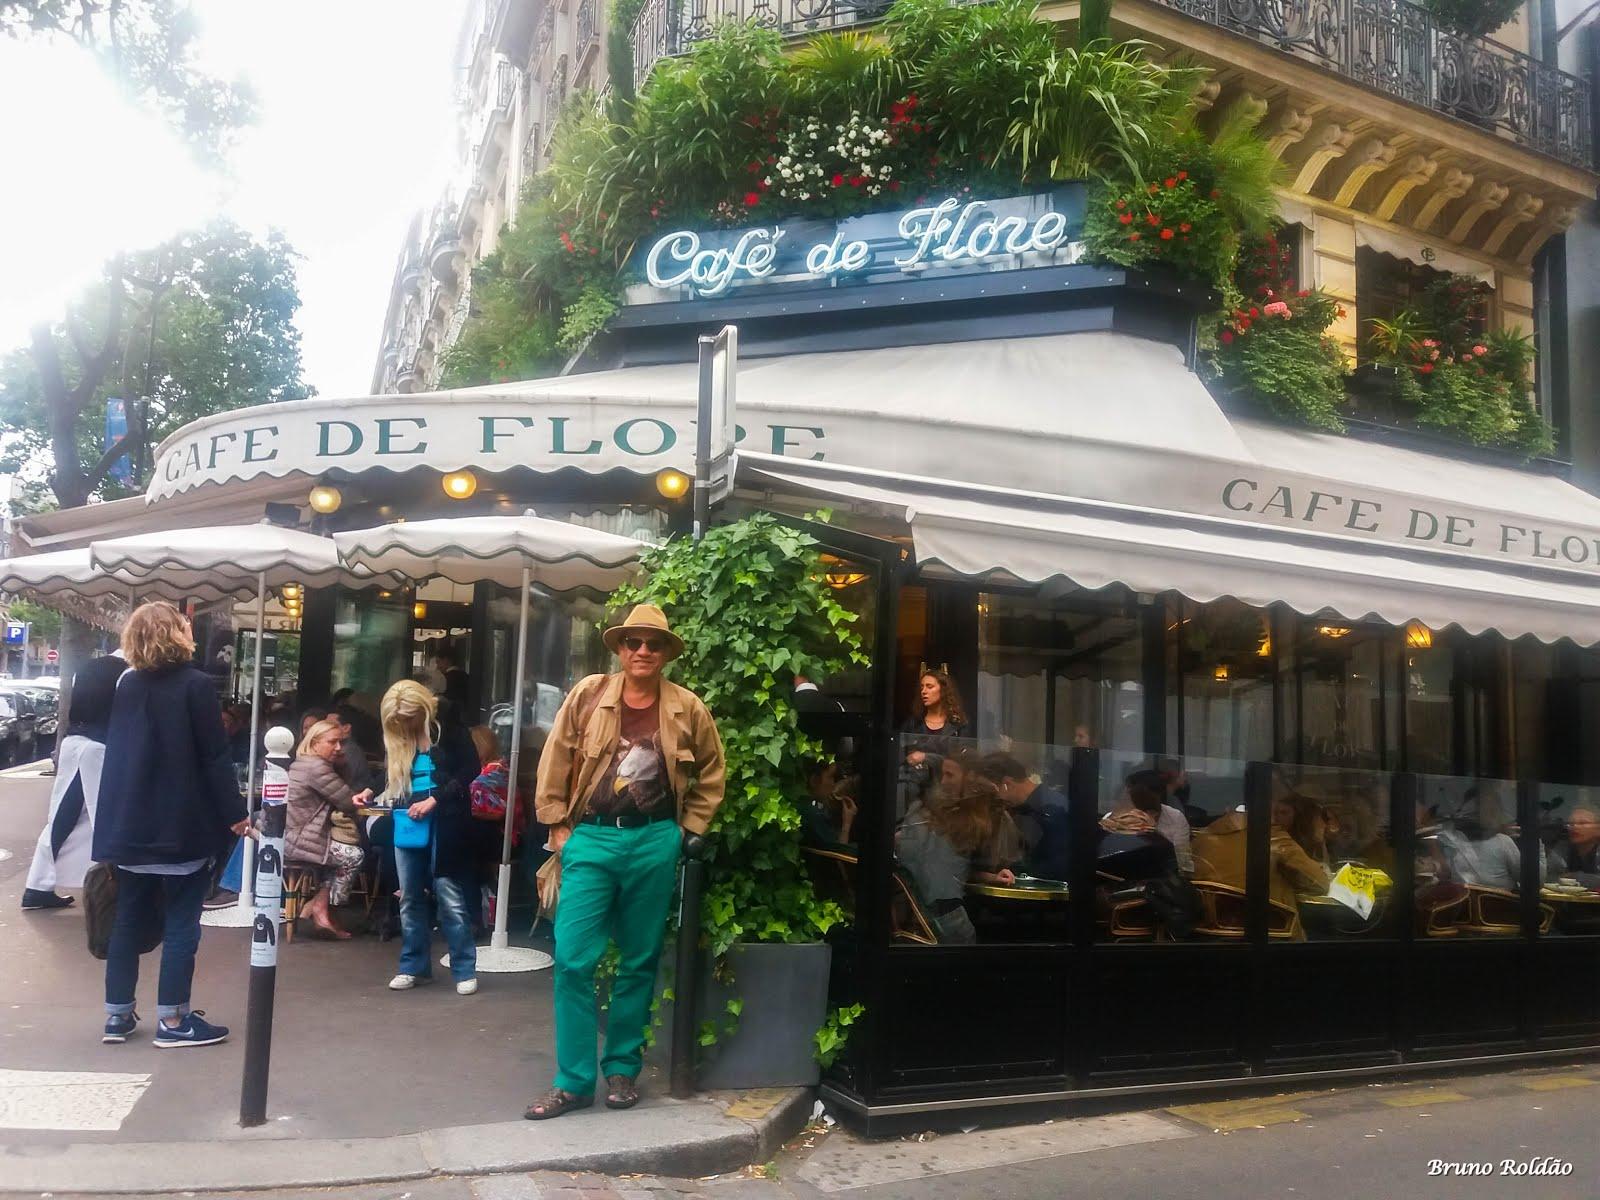 CAFÉ DAS FLORES - PARIS